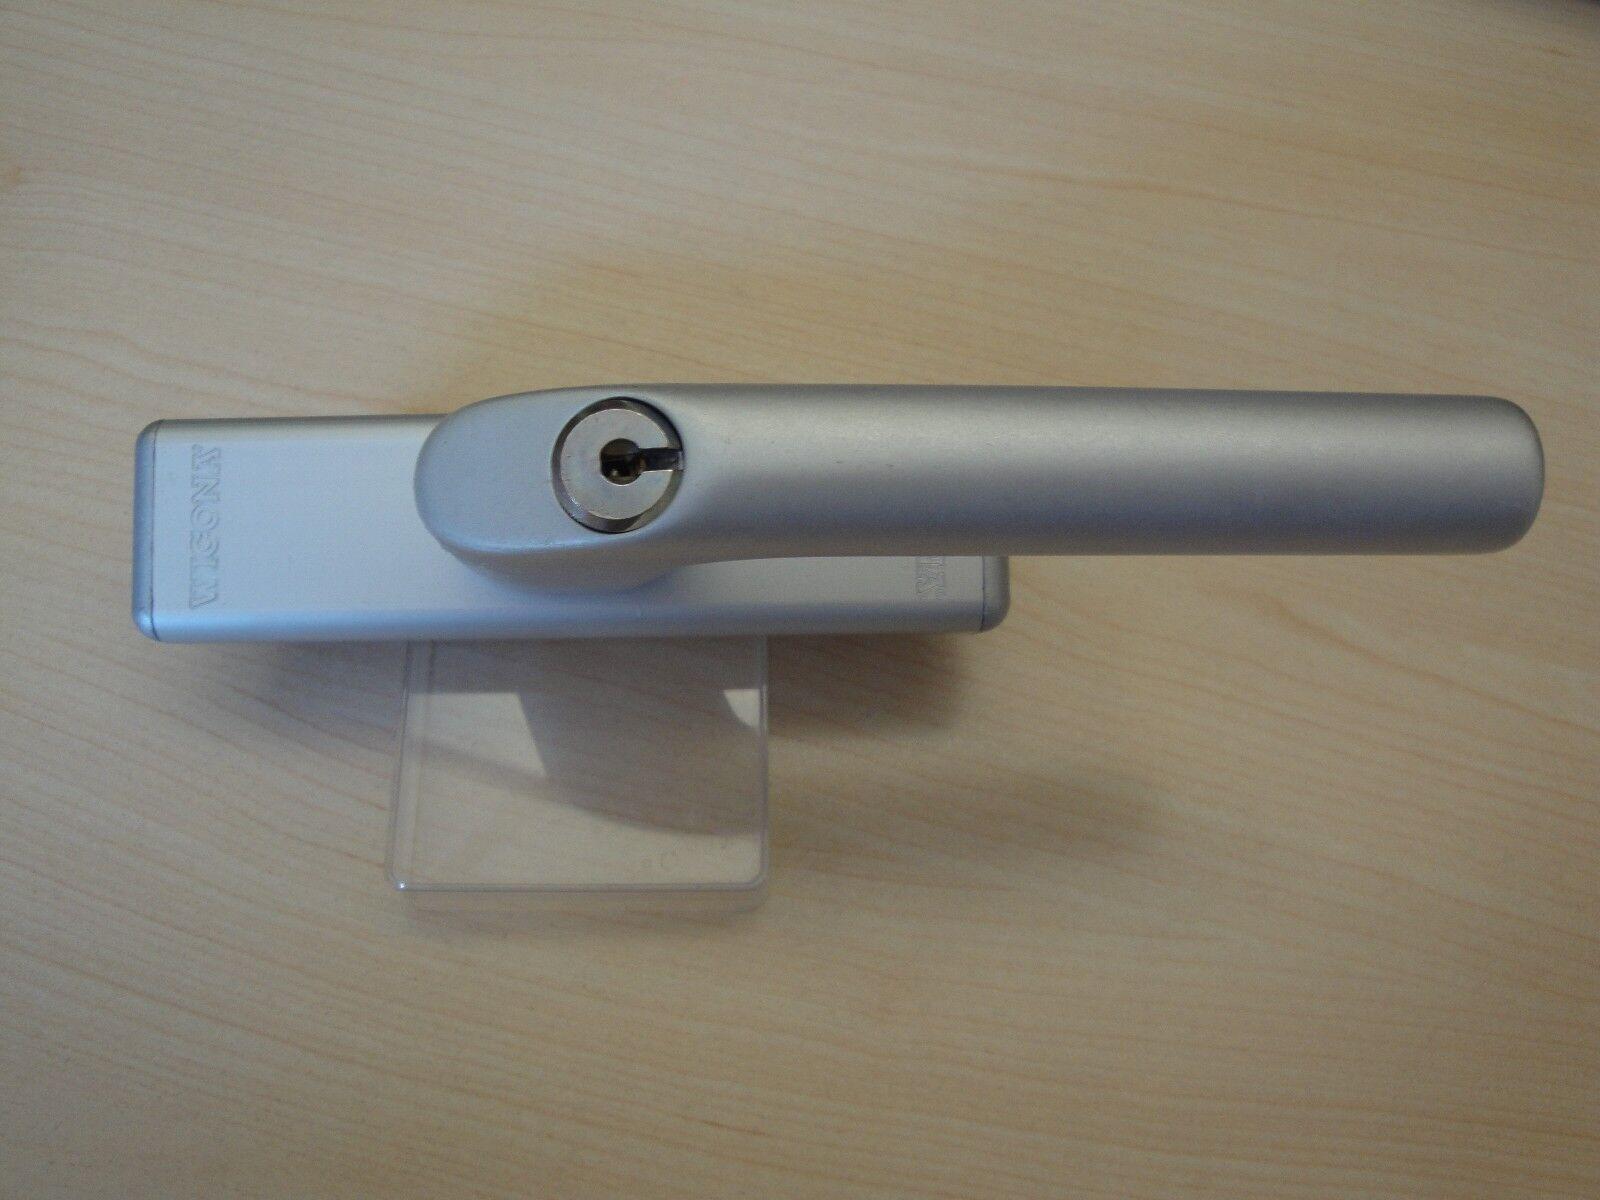 Fenstergriff Getriebe Wicona GEZE Roto silber abschließbar     mit Zubehör 061675   Sale Outlet  c30edf